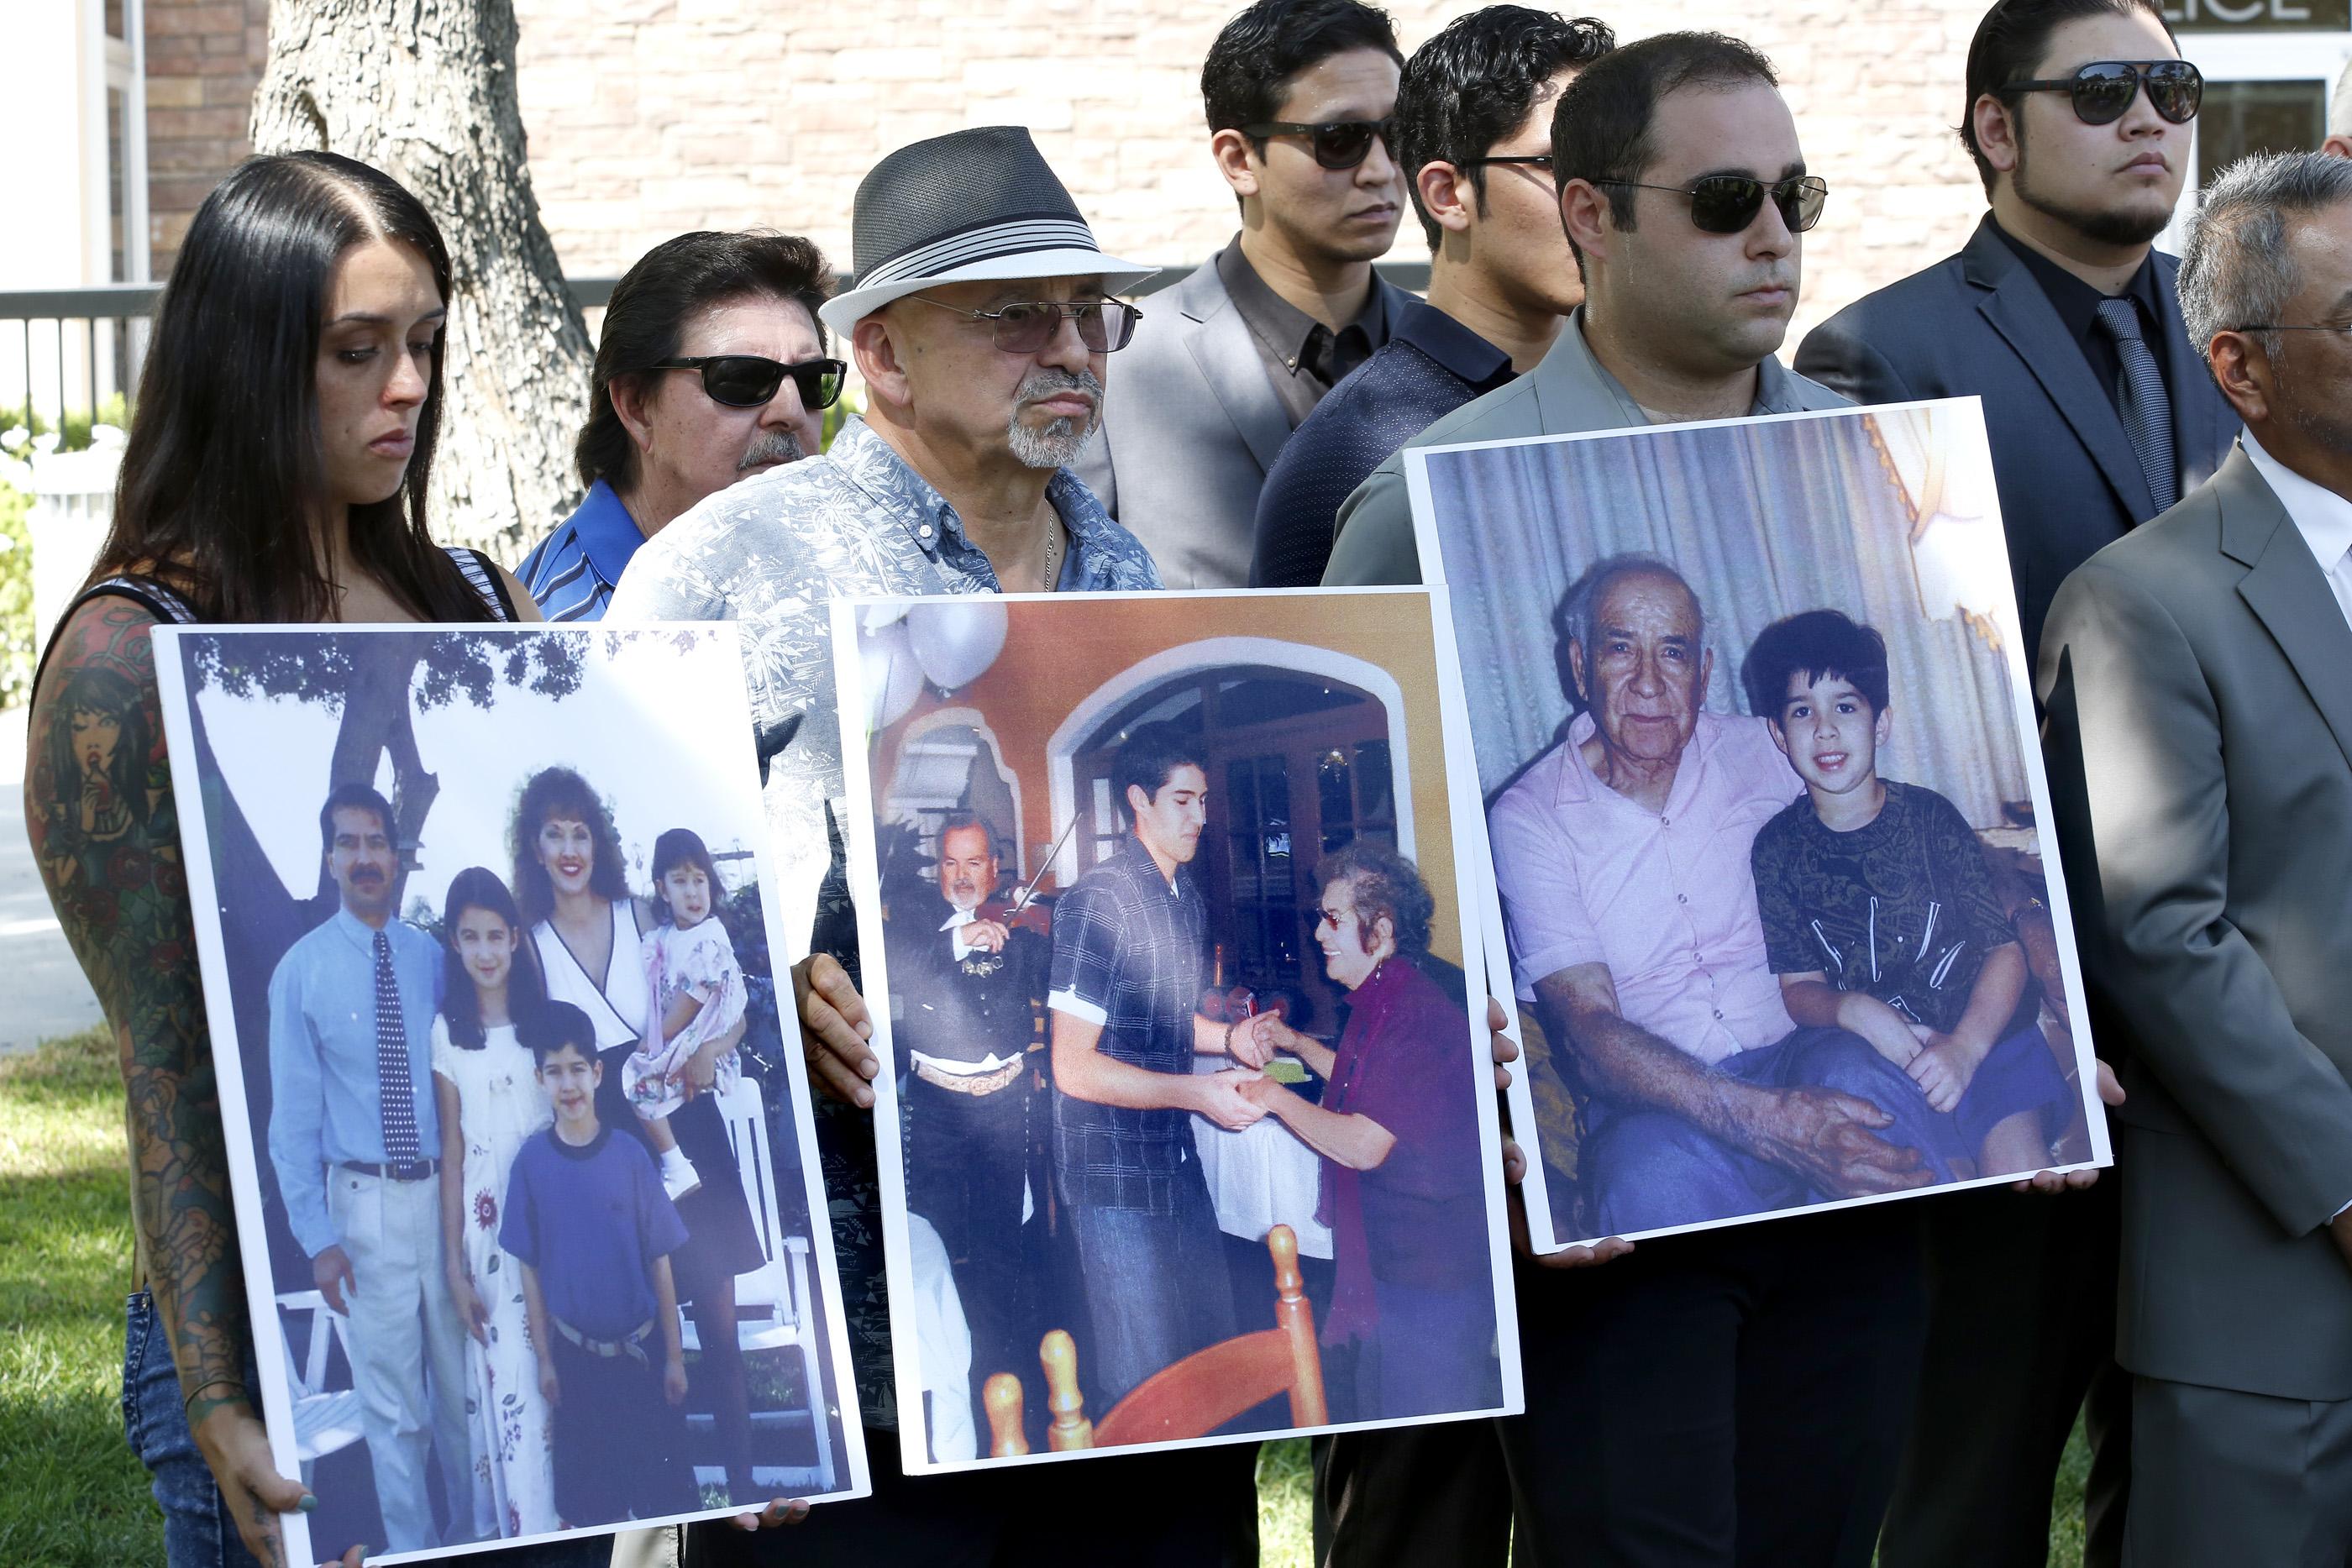 Familiares de Jonathan Salcido durante el anuncio de la queja legal contra la Policía de Whittier. (Aurelia Ventura/La Opinion)